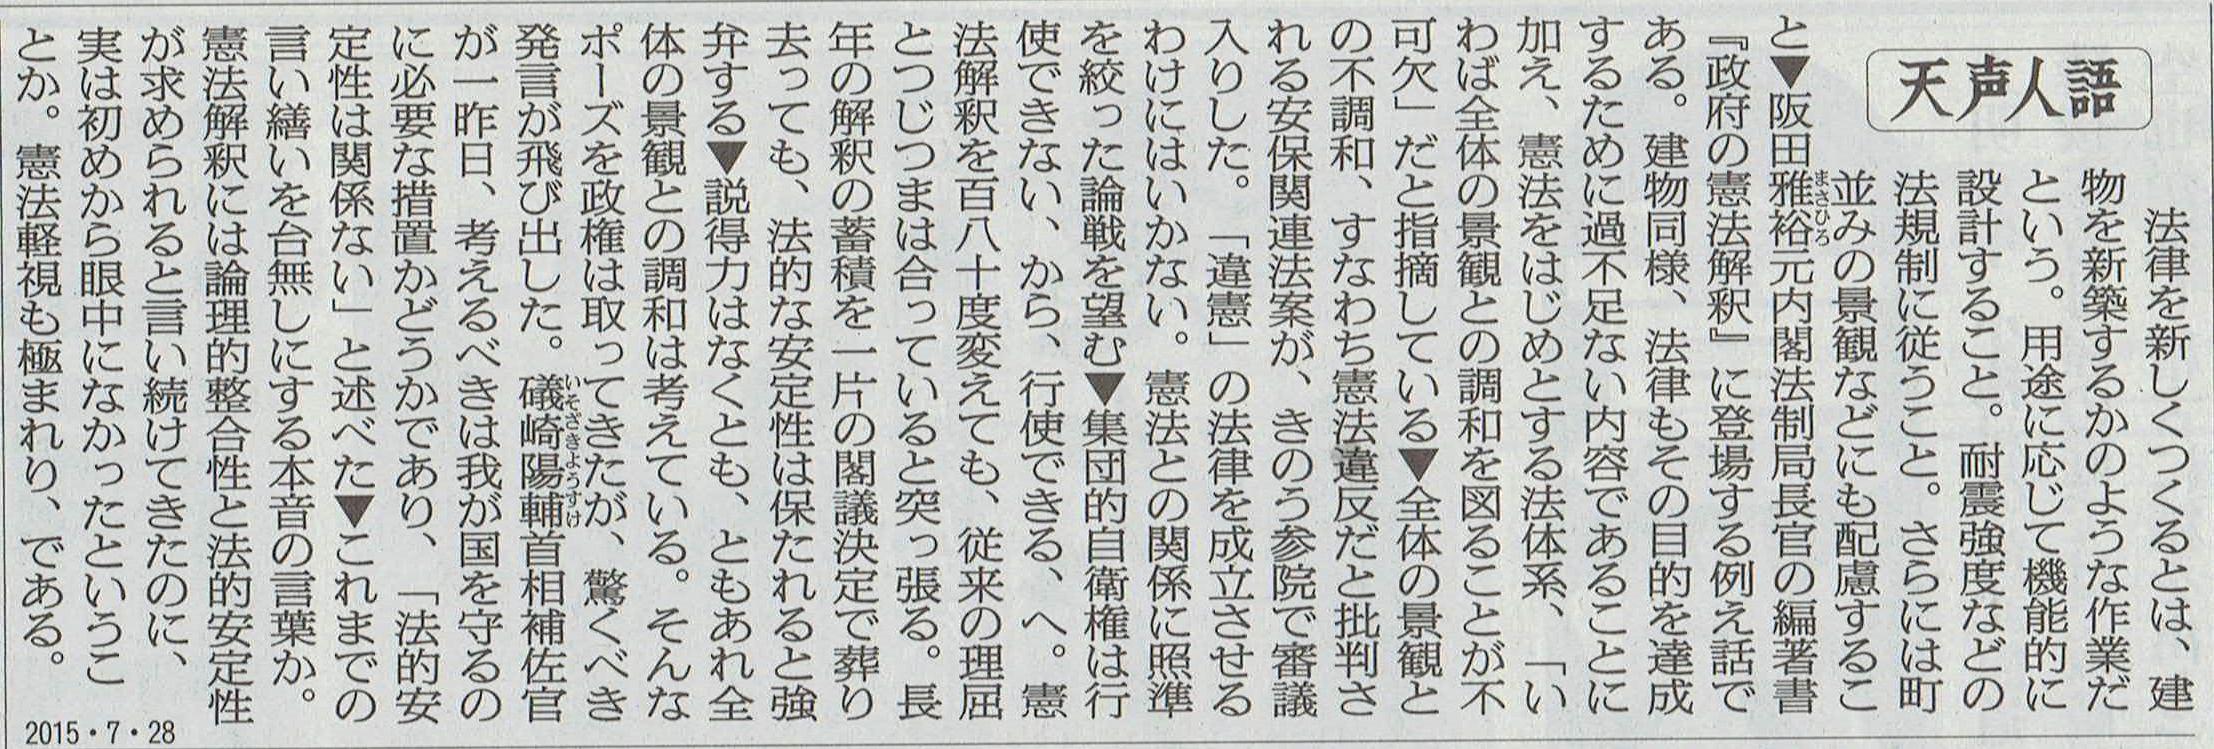 2015年7月28日 沖縄中学校同級生 金城幸栄君から中元にマンゴ その2_d0249595_632590.jpg